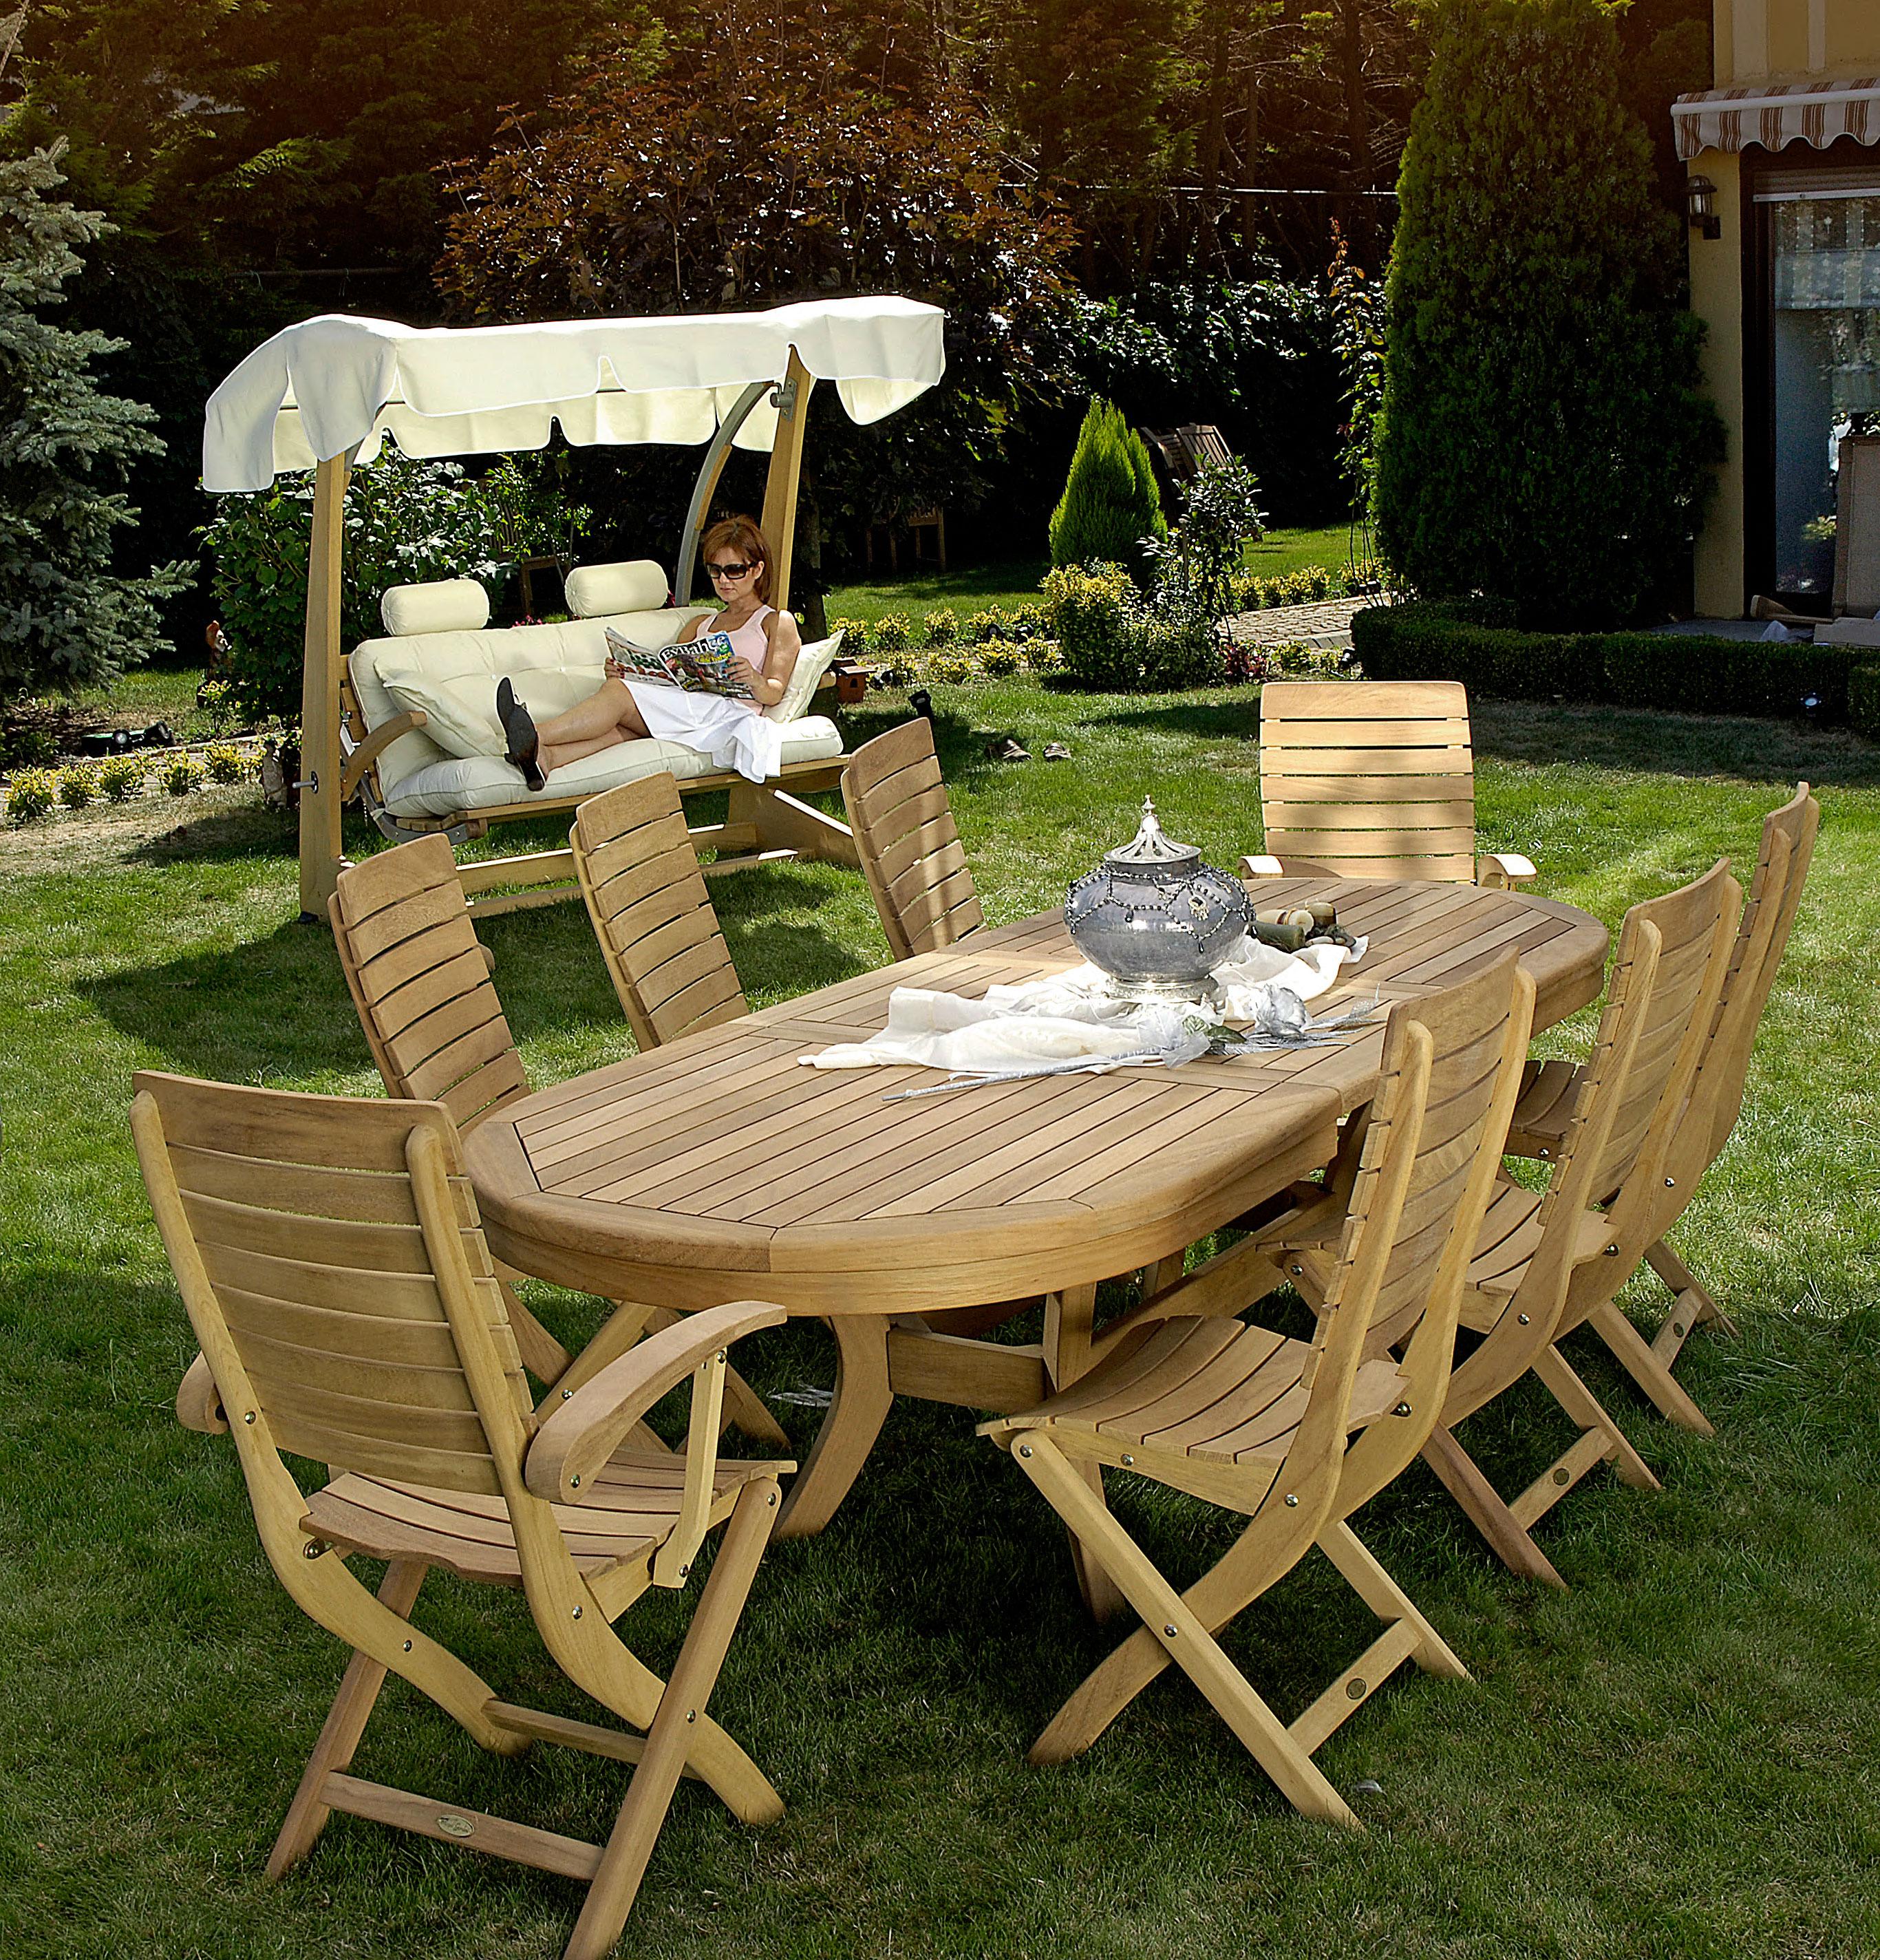 Şık Bahçe Masalarıve Eşsiz Sofralar